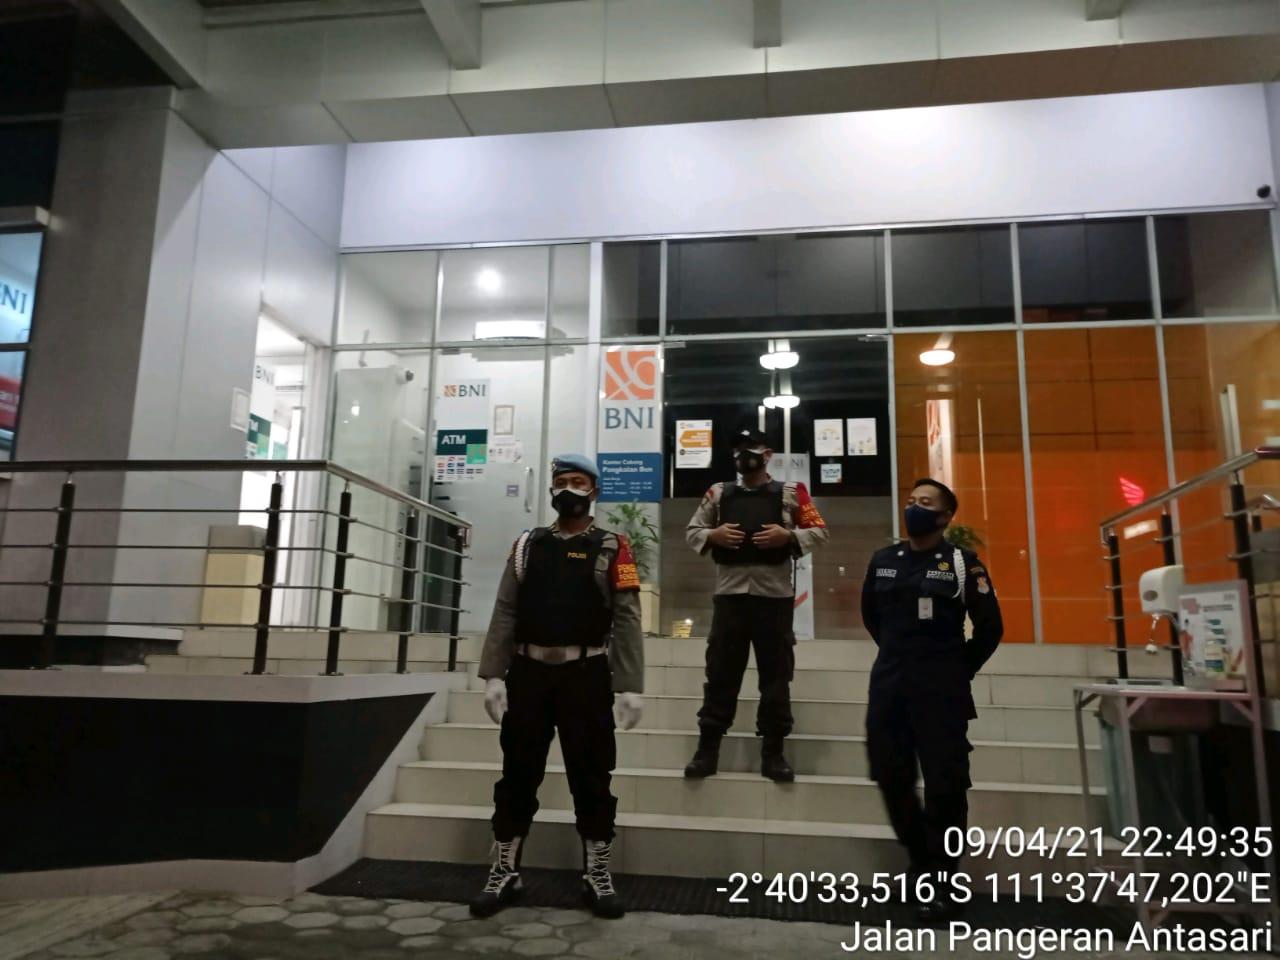 Patroli Malam Polsek Arsel Sambangi Bank BNI Pangkalan Bun